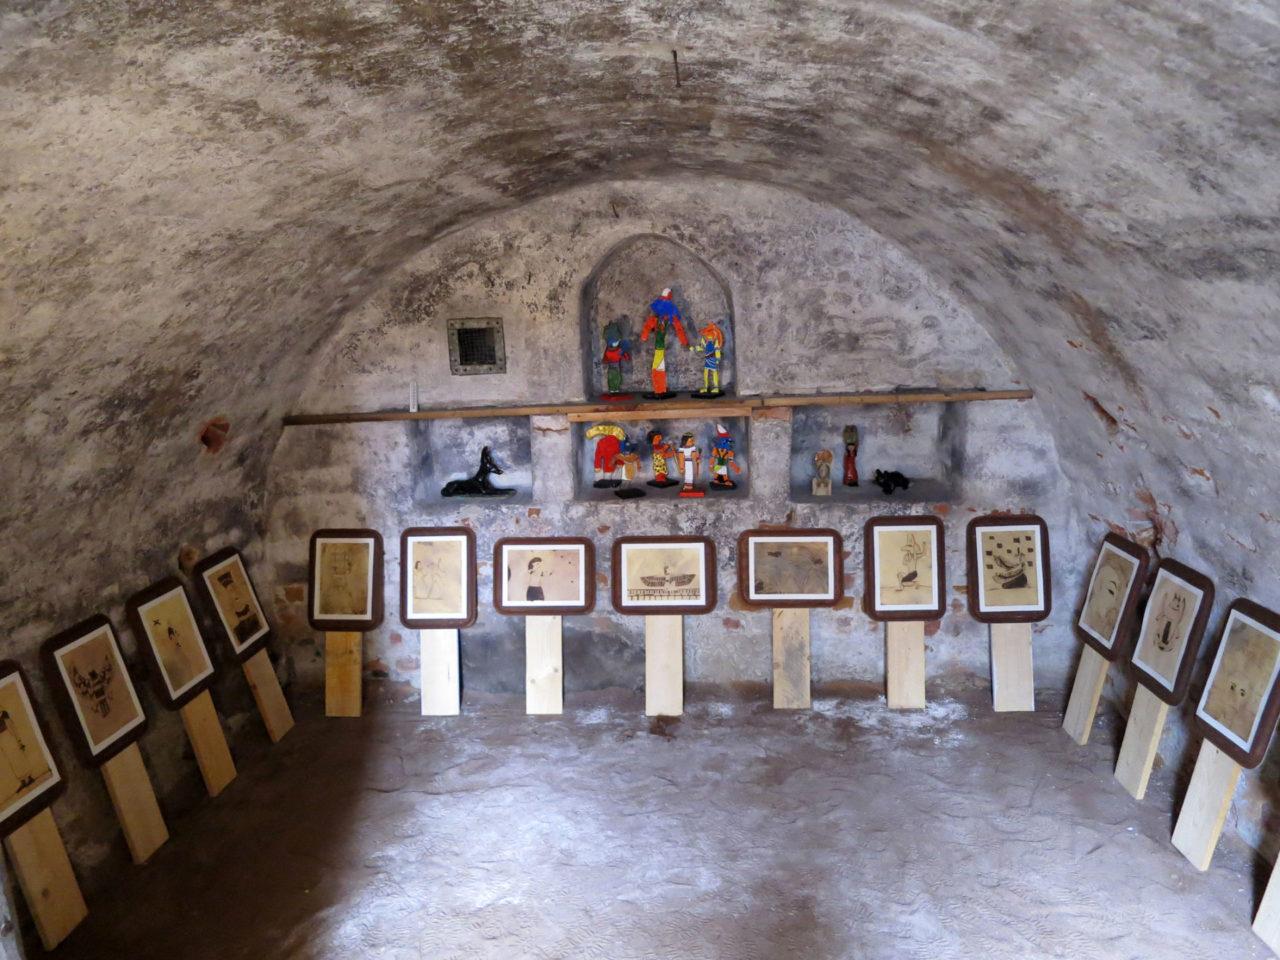 Rauman kuvataidekoulun kevätnäyttelyssä 2015 Egypti-aiheisia teoksia taidemuseon kellarissa